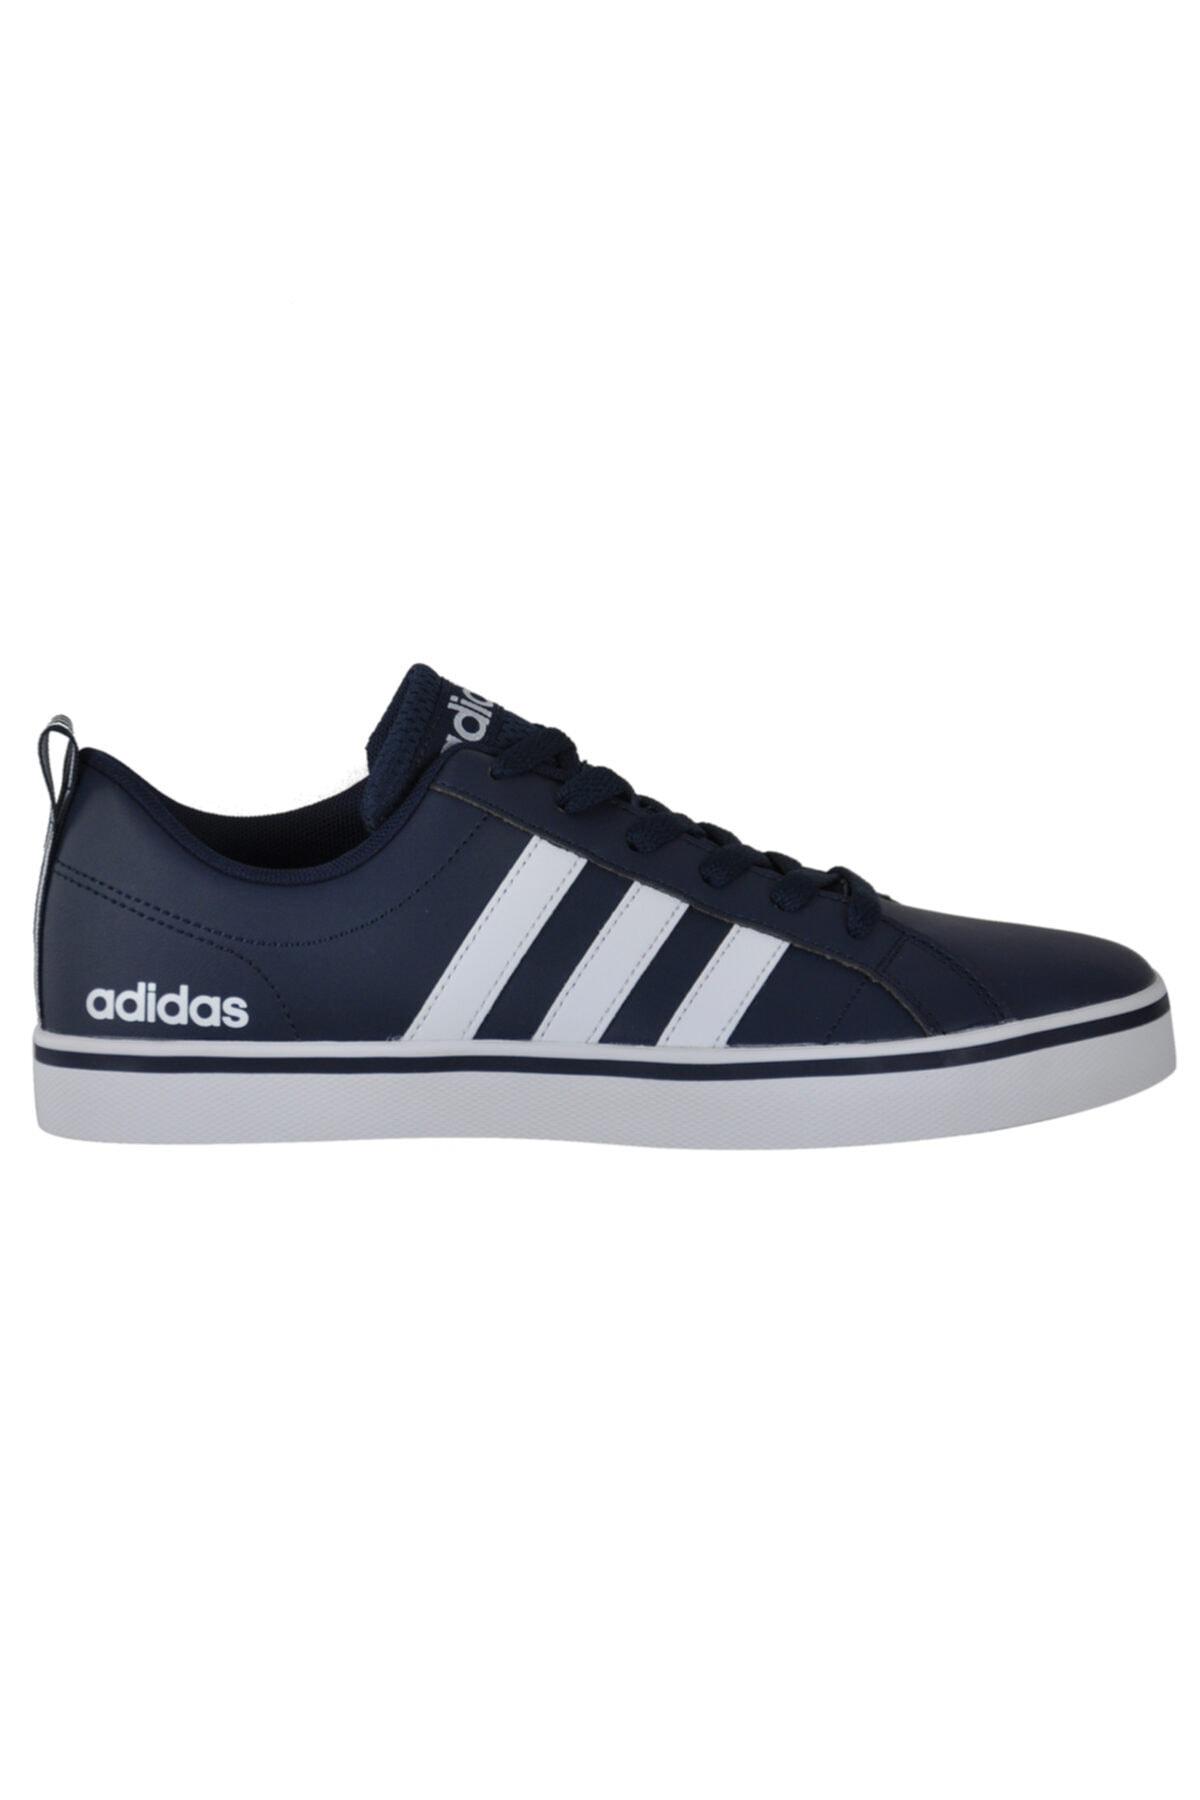 adidas VS PACE Erkek Spor Ayakkabı 1